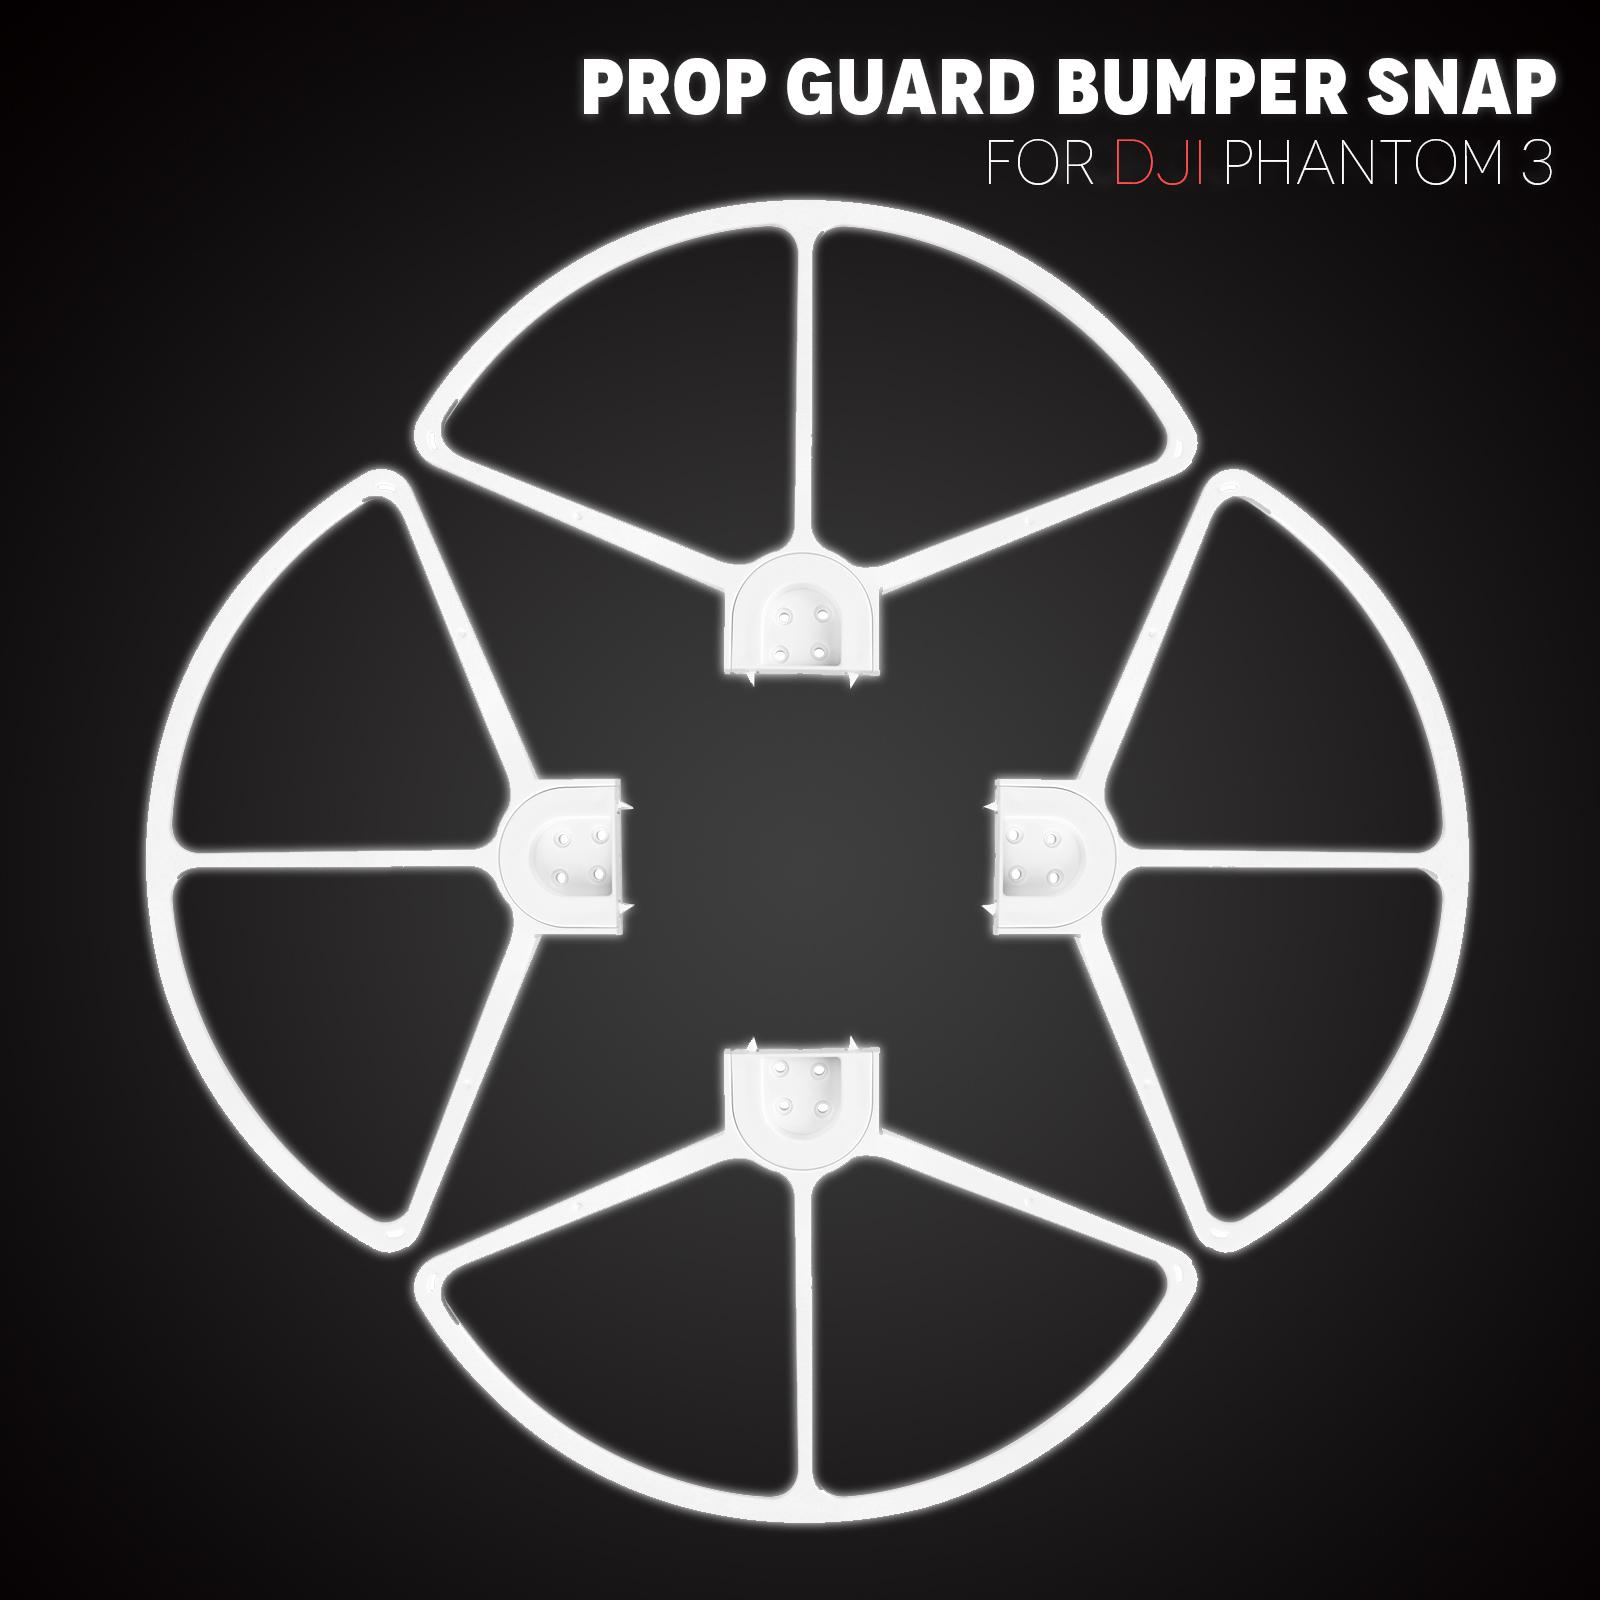 4pcs New Quick Release Propeller Prop Guard Bumper Snap On